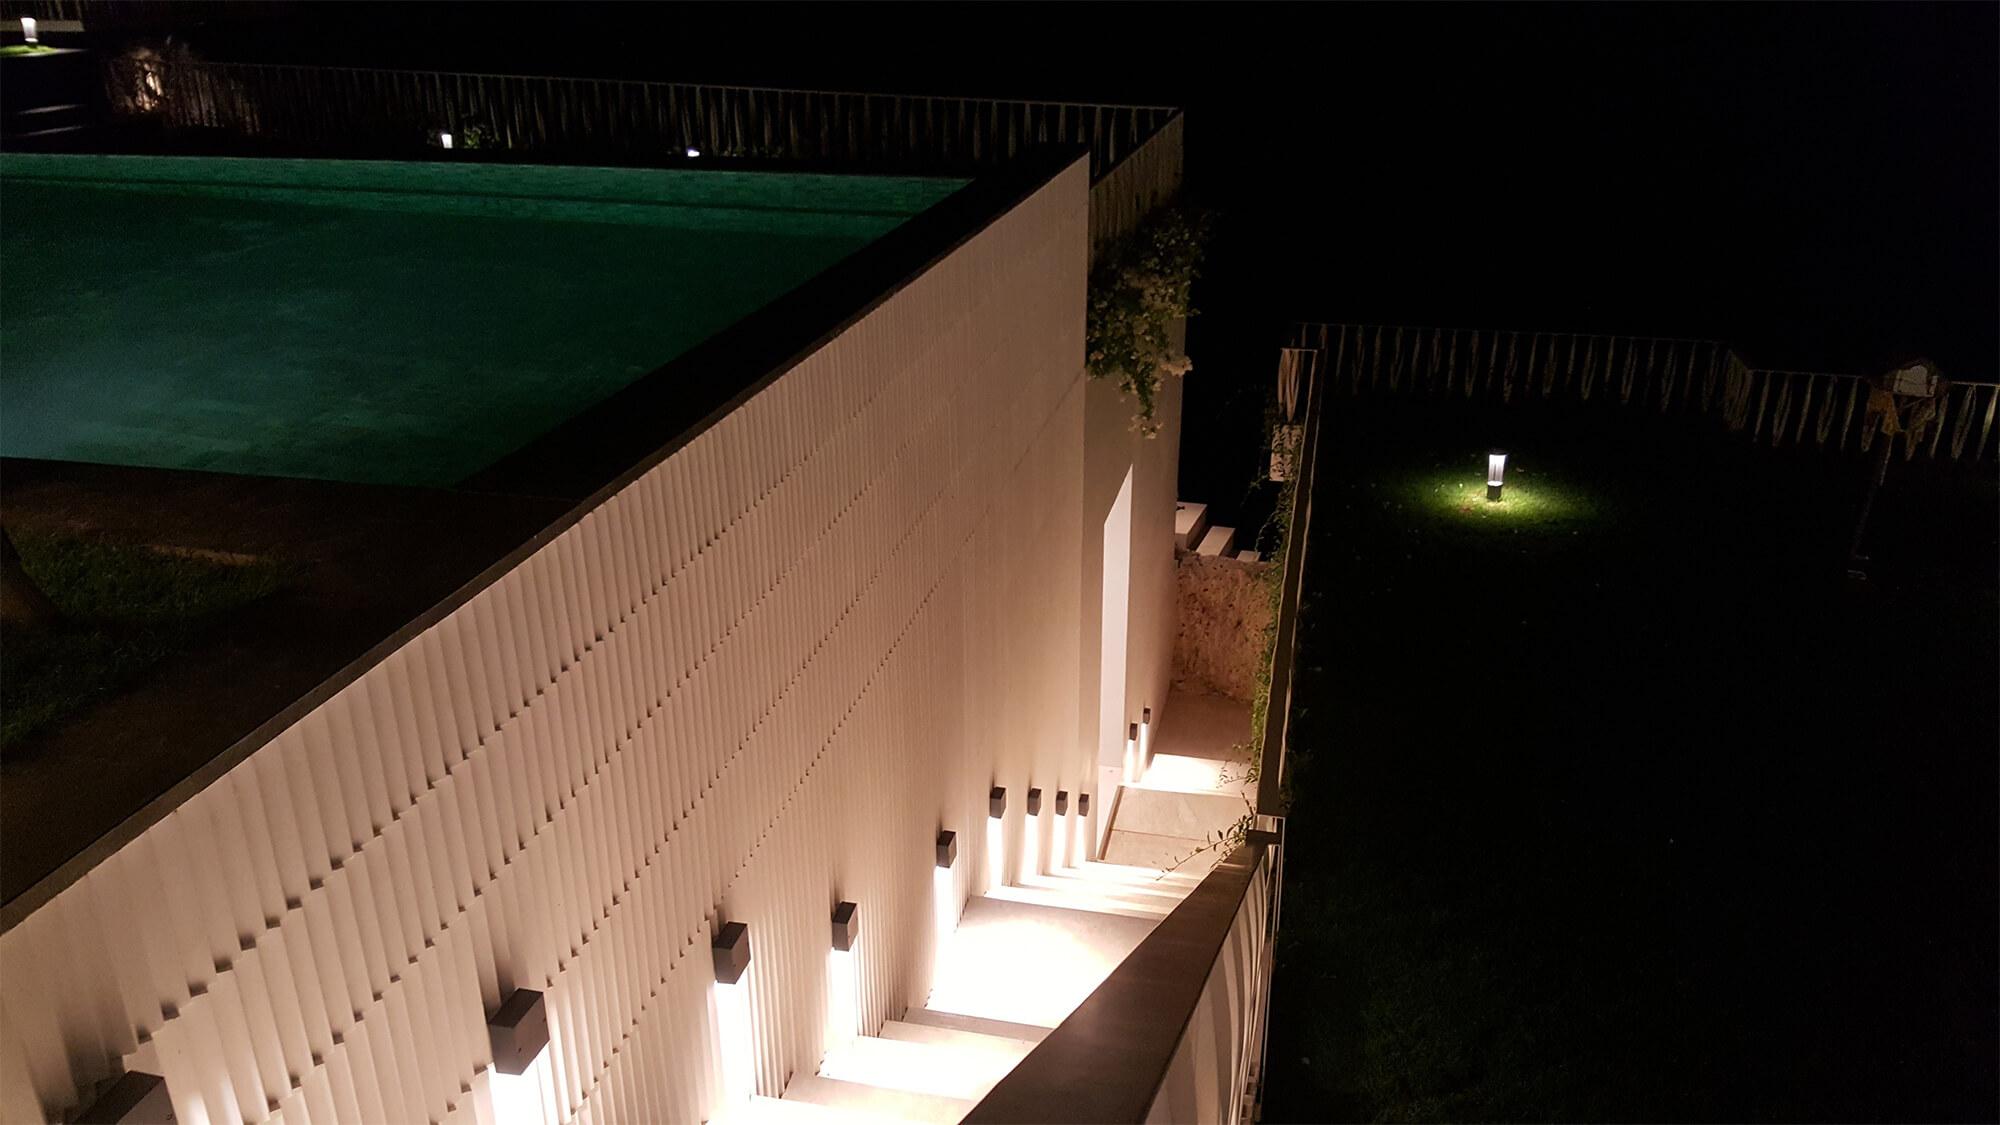 bali villa staircase at night